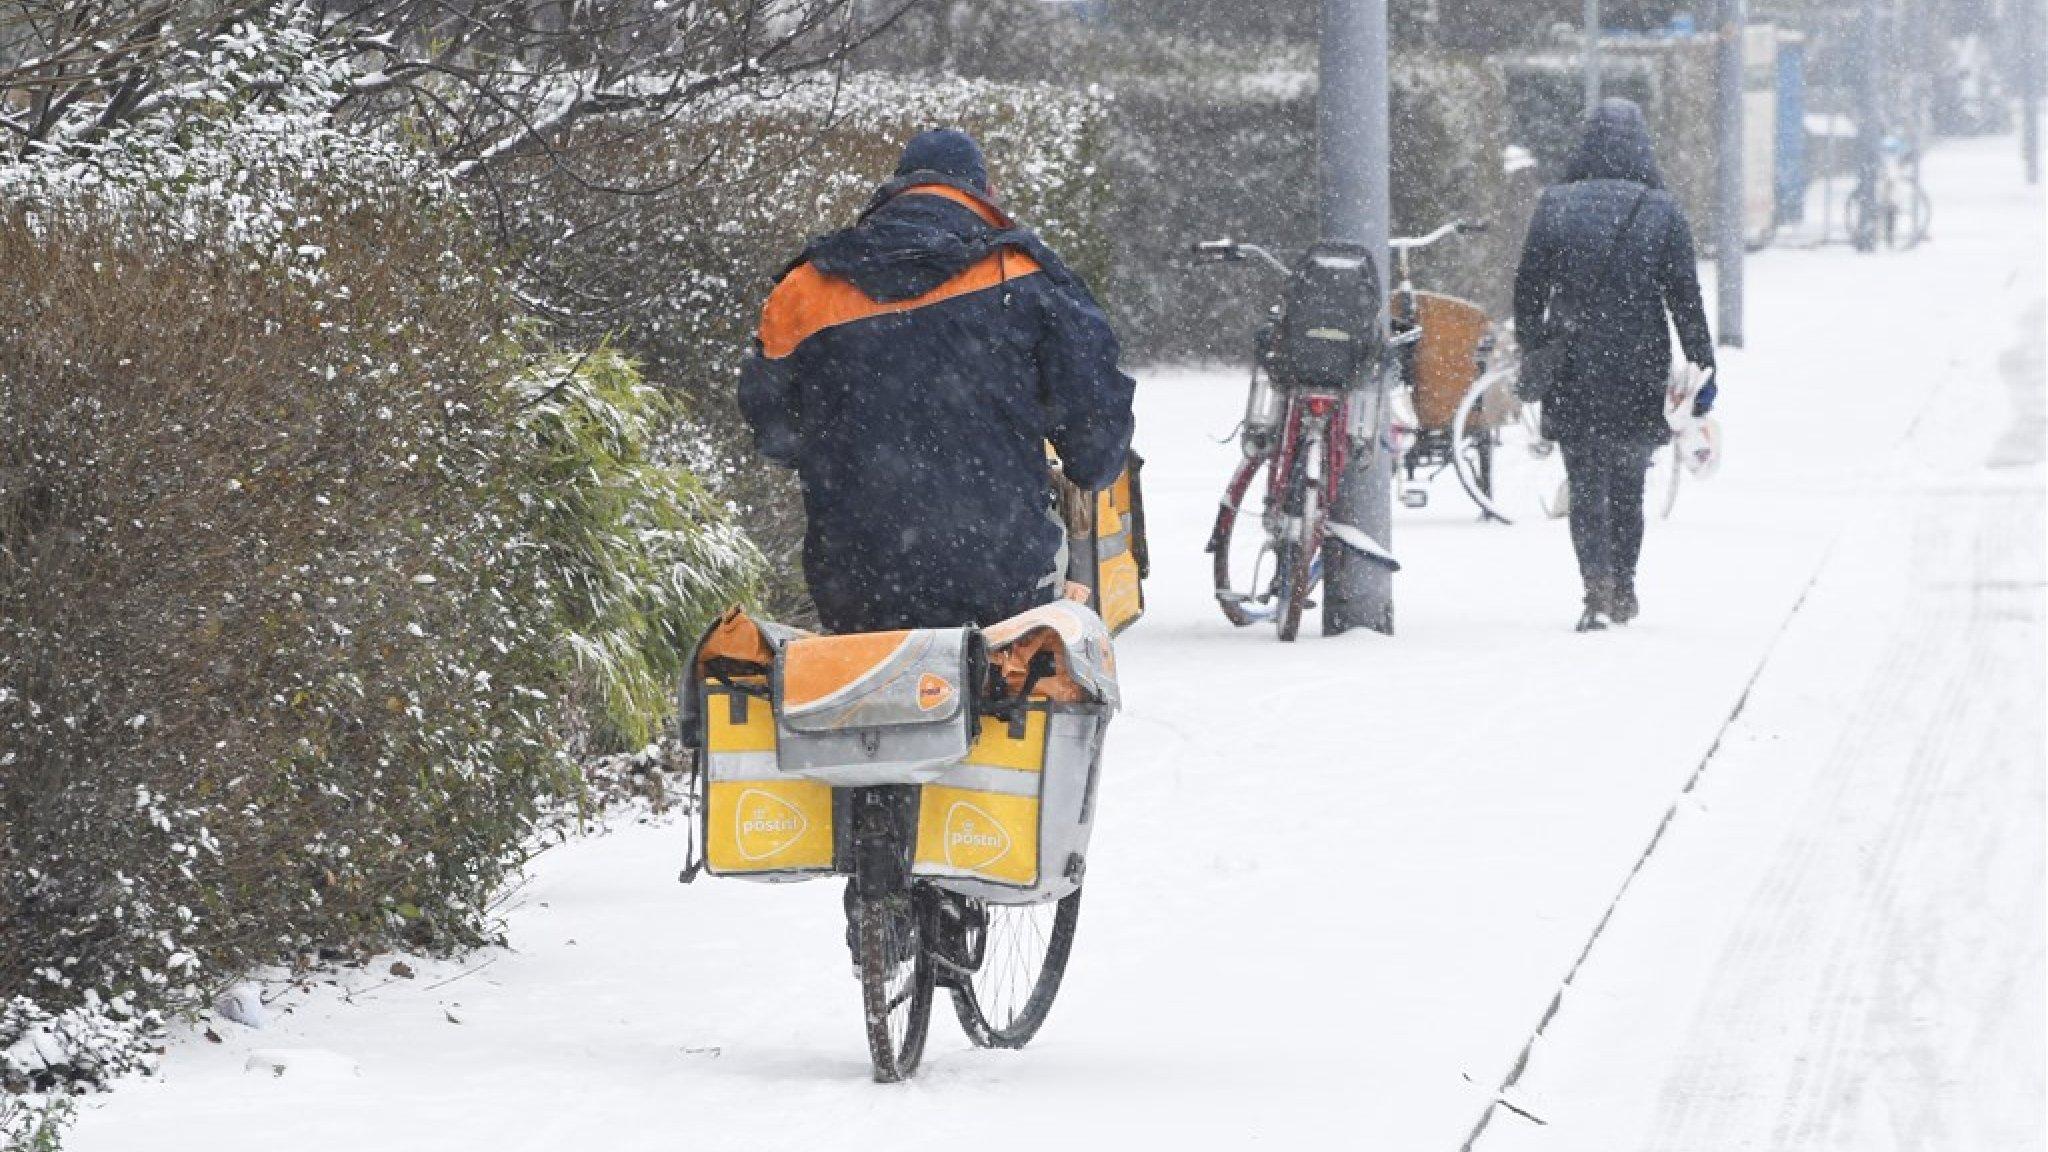 PostNL en DPD: bezorgen van pakketten onmogelijk in delen van het land - RTL Nieuws